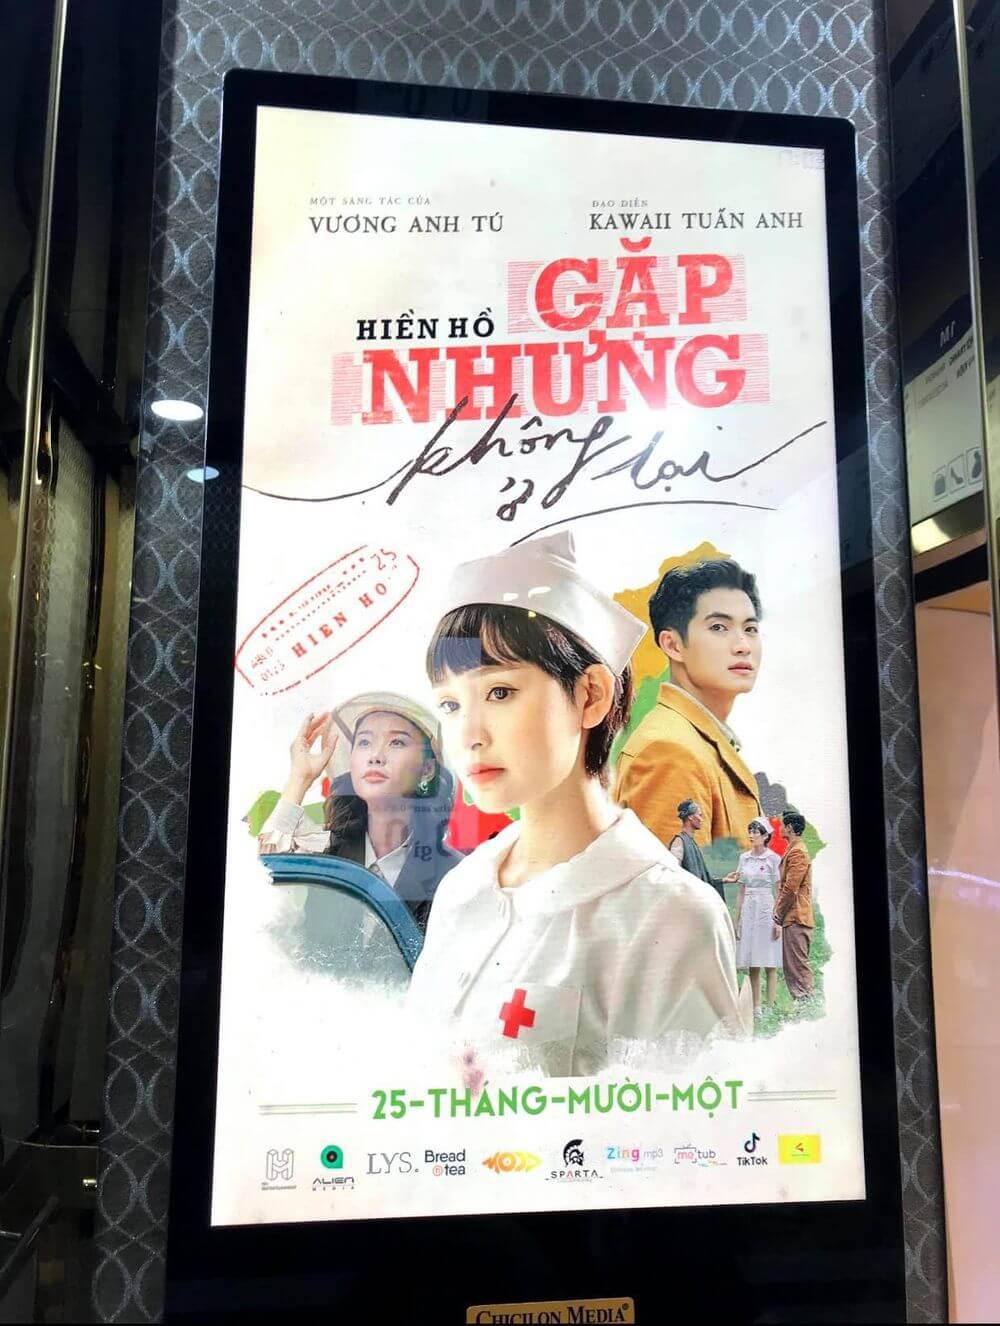 FC Hiền Hồ chạy quảng cáo ngoài trời quảng bá MV gặp nhưng không ở lại